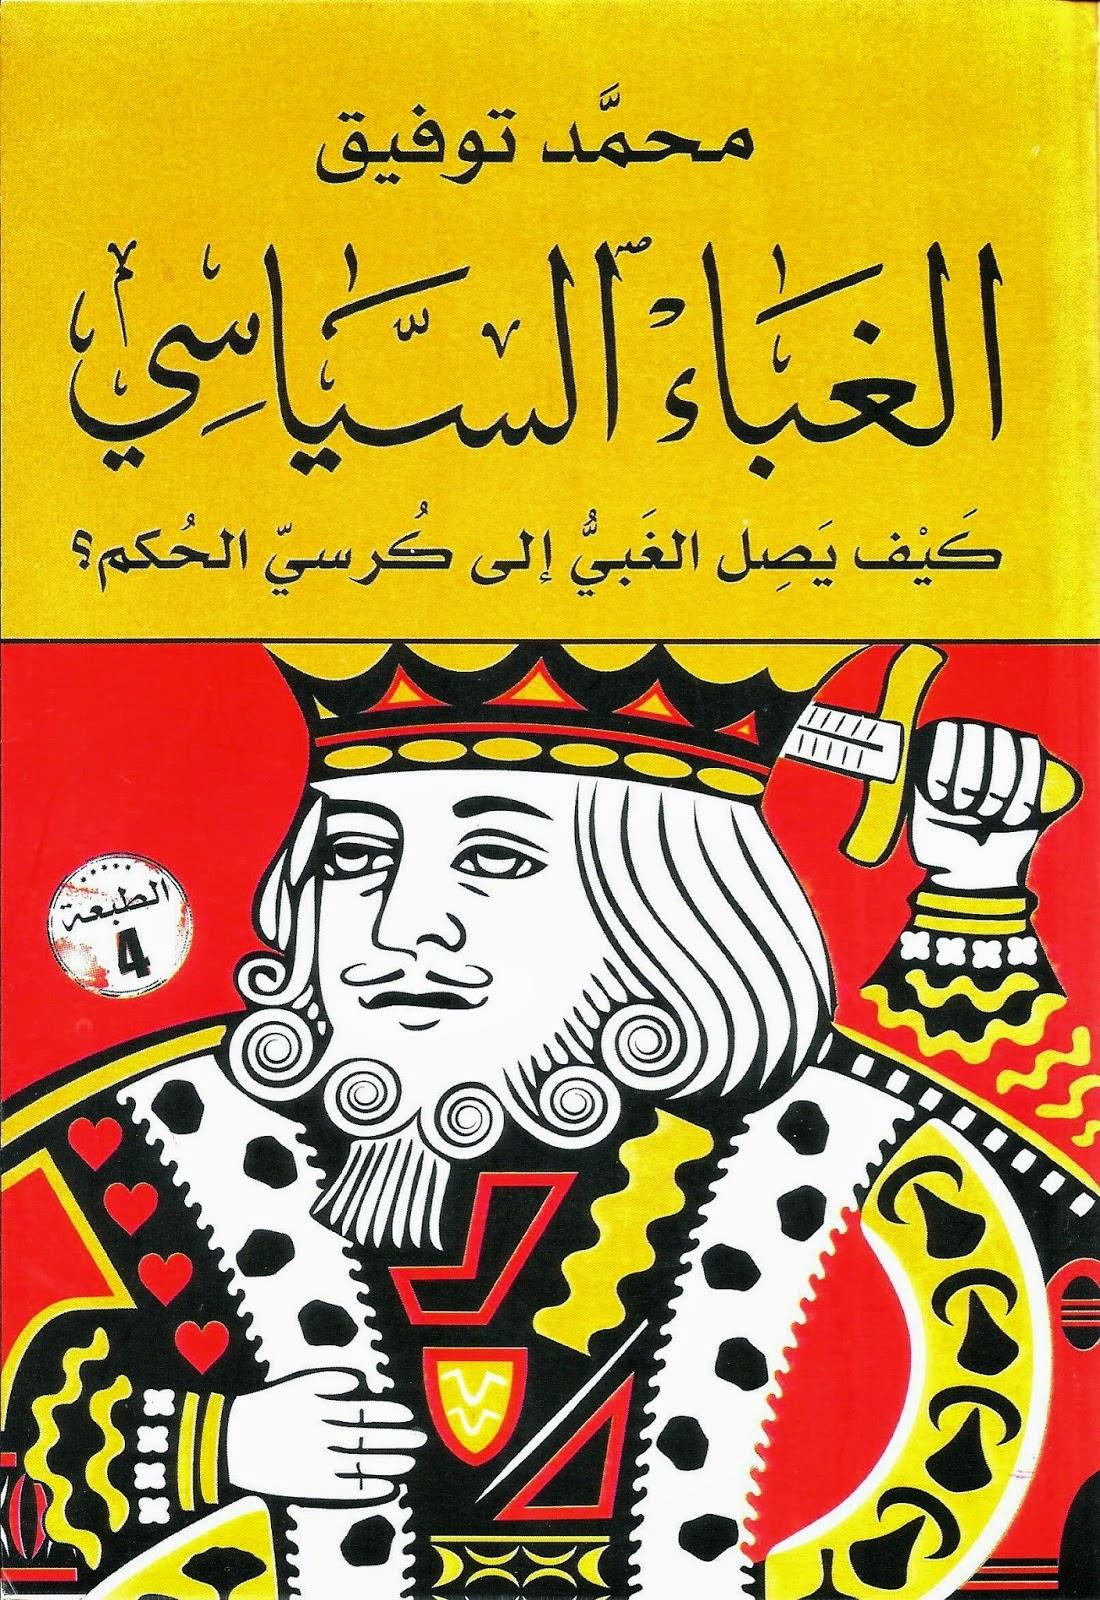 كتاب الغباء السياسي - محمد توفيق pdf